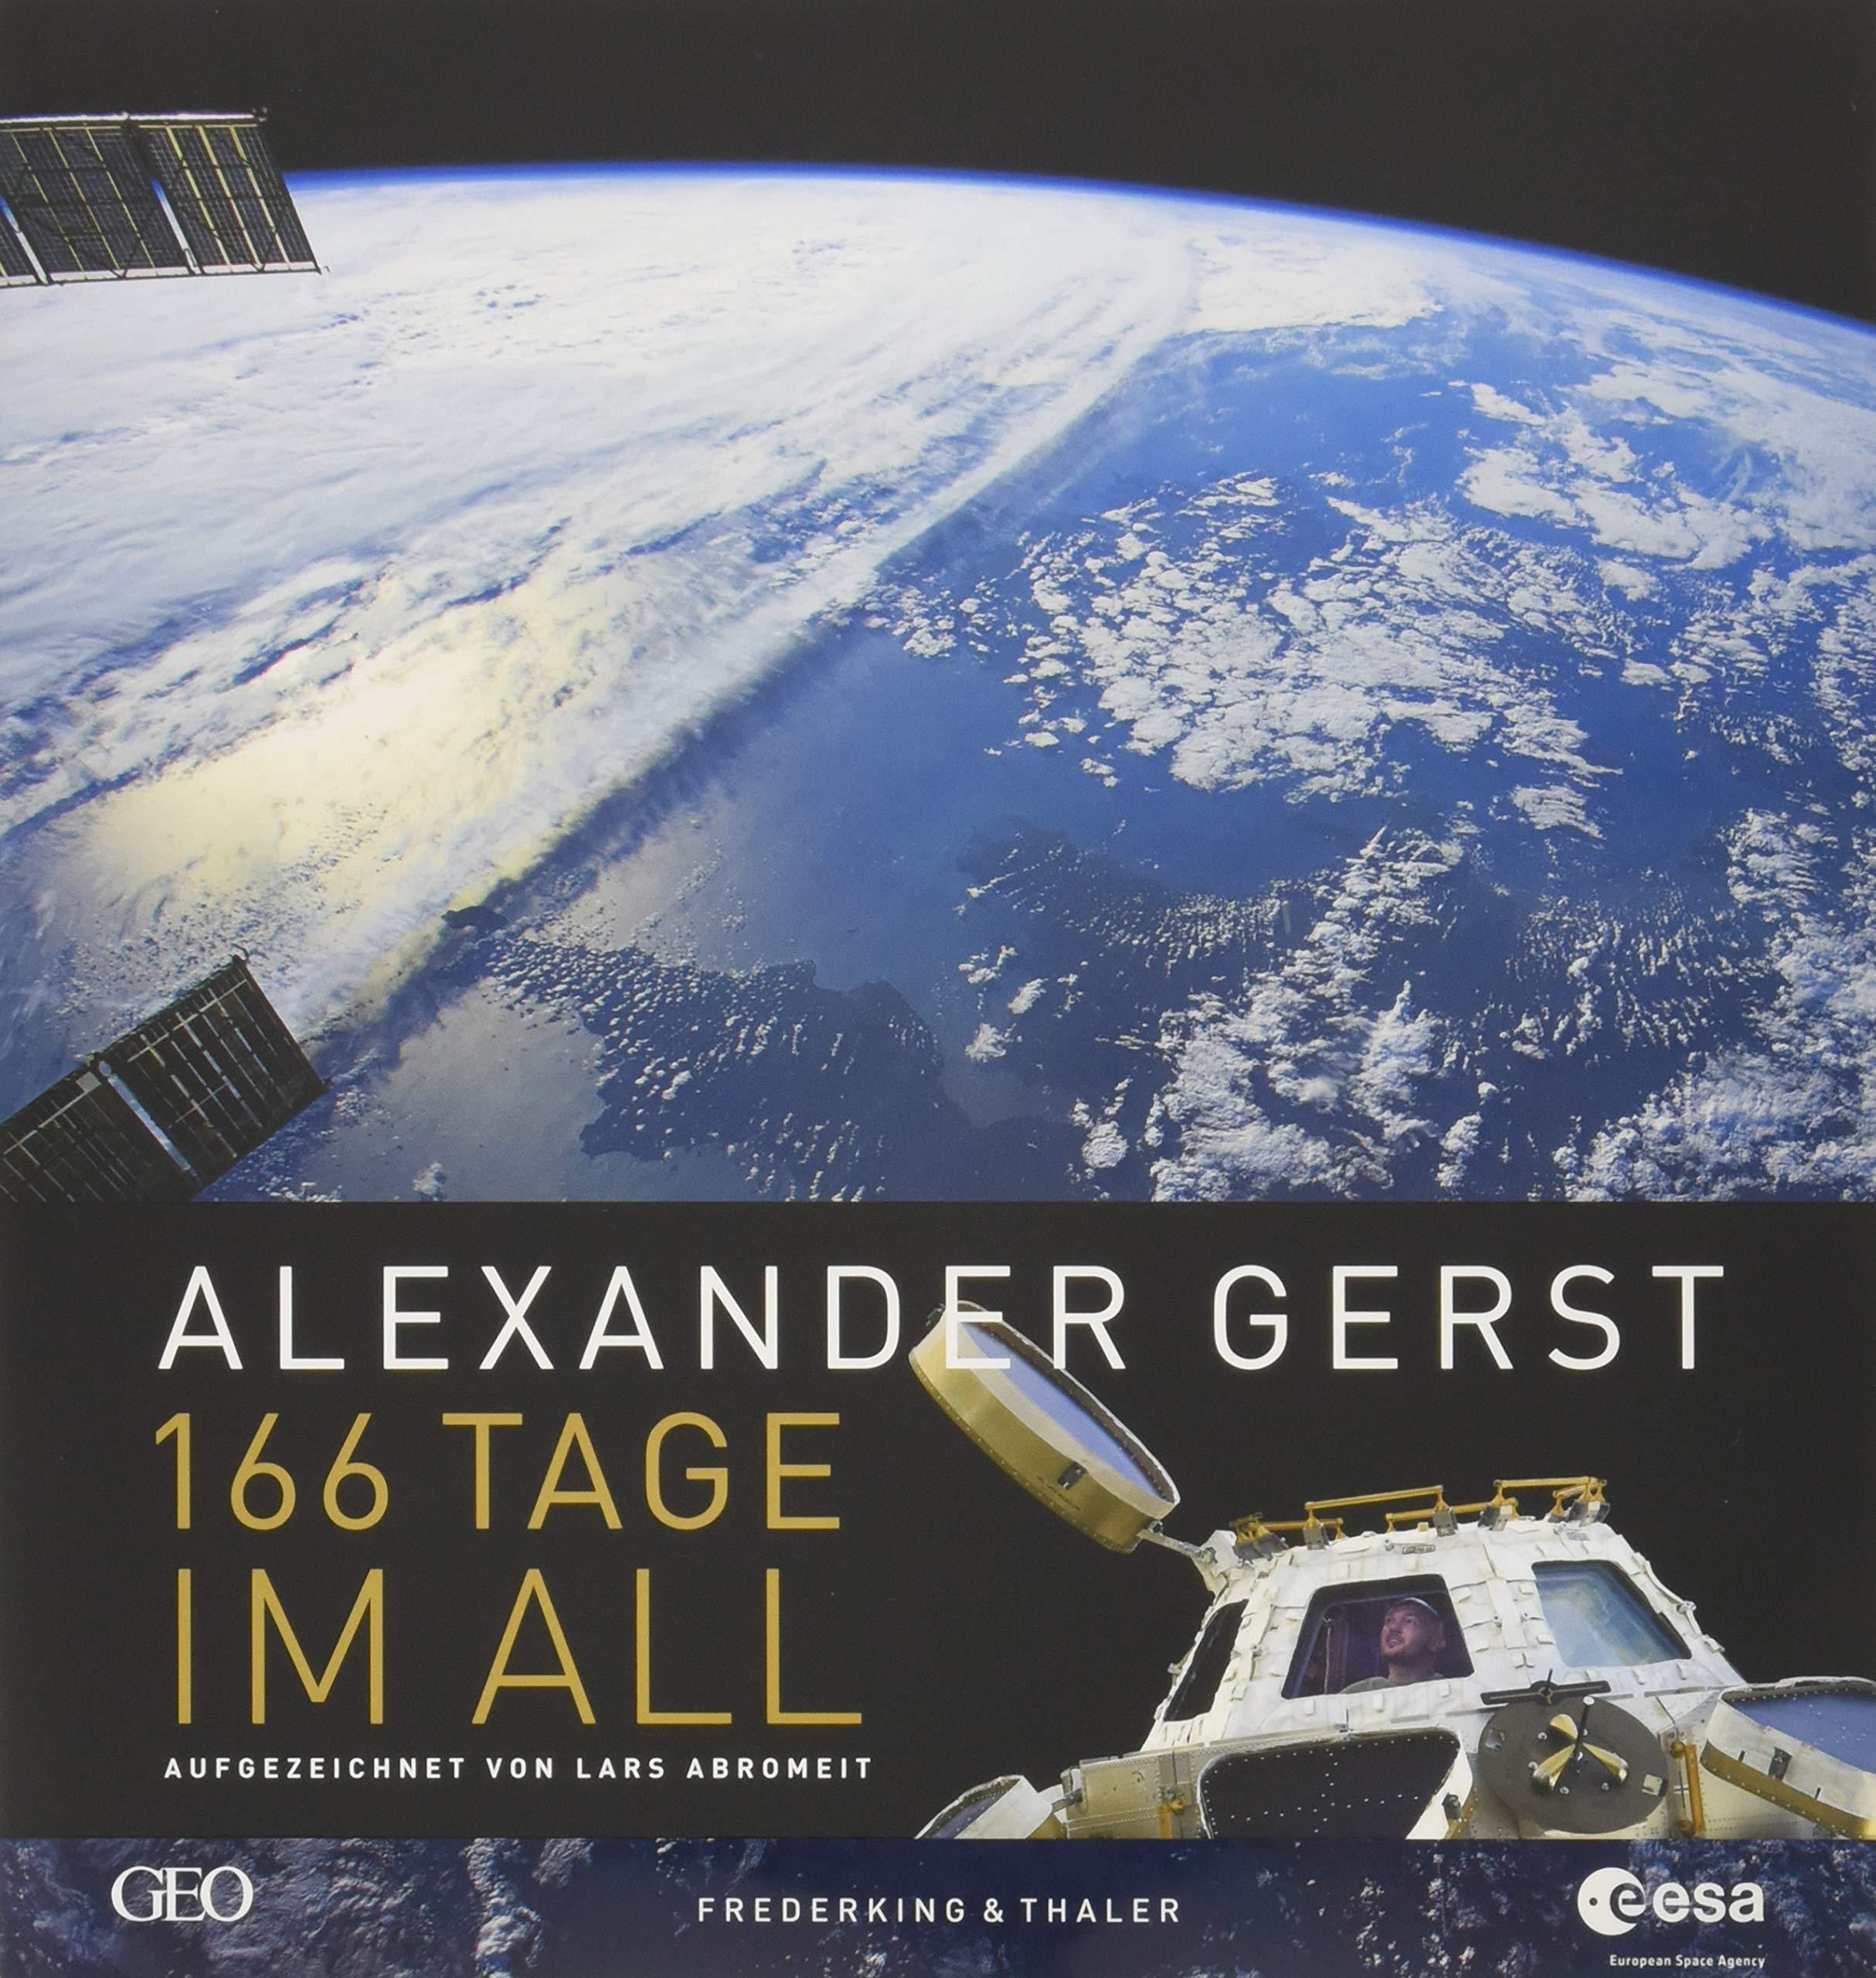 alexander-gerst-166-tage-im-all-erweiterte-neuauflage-2018-mit-einblicken-in-die-vorbereitung-zur-aktuellen-iss-mission-horizons